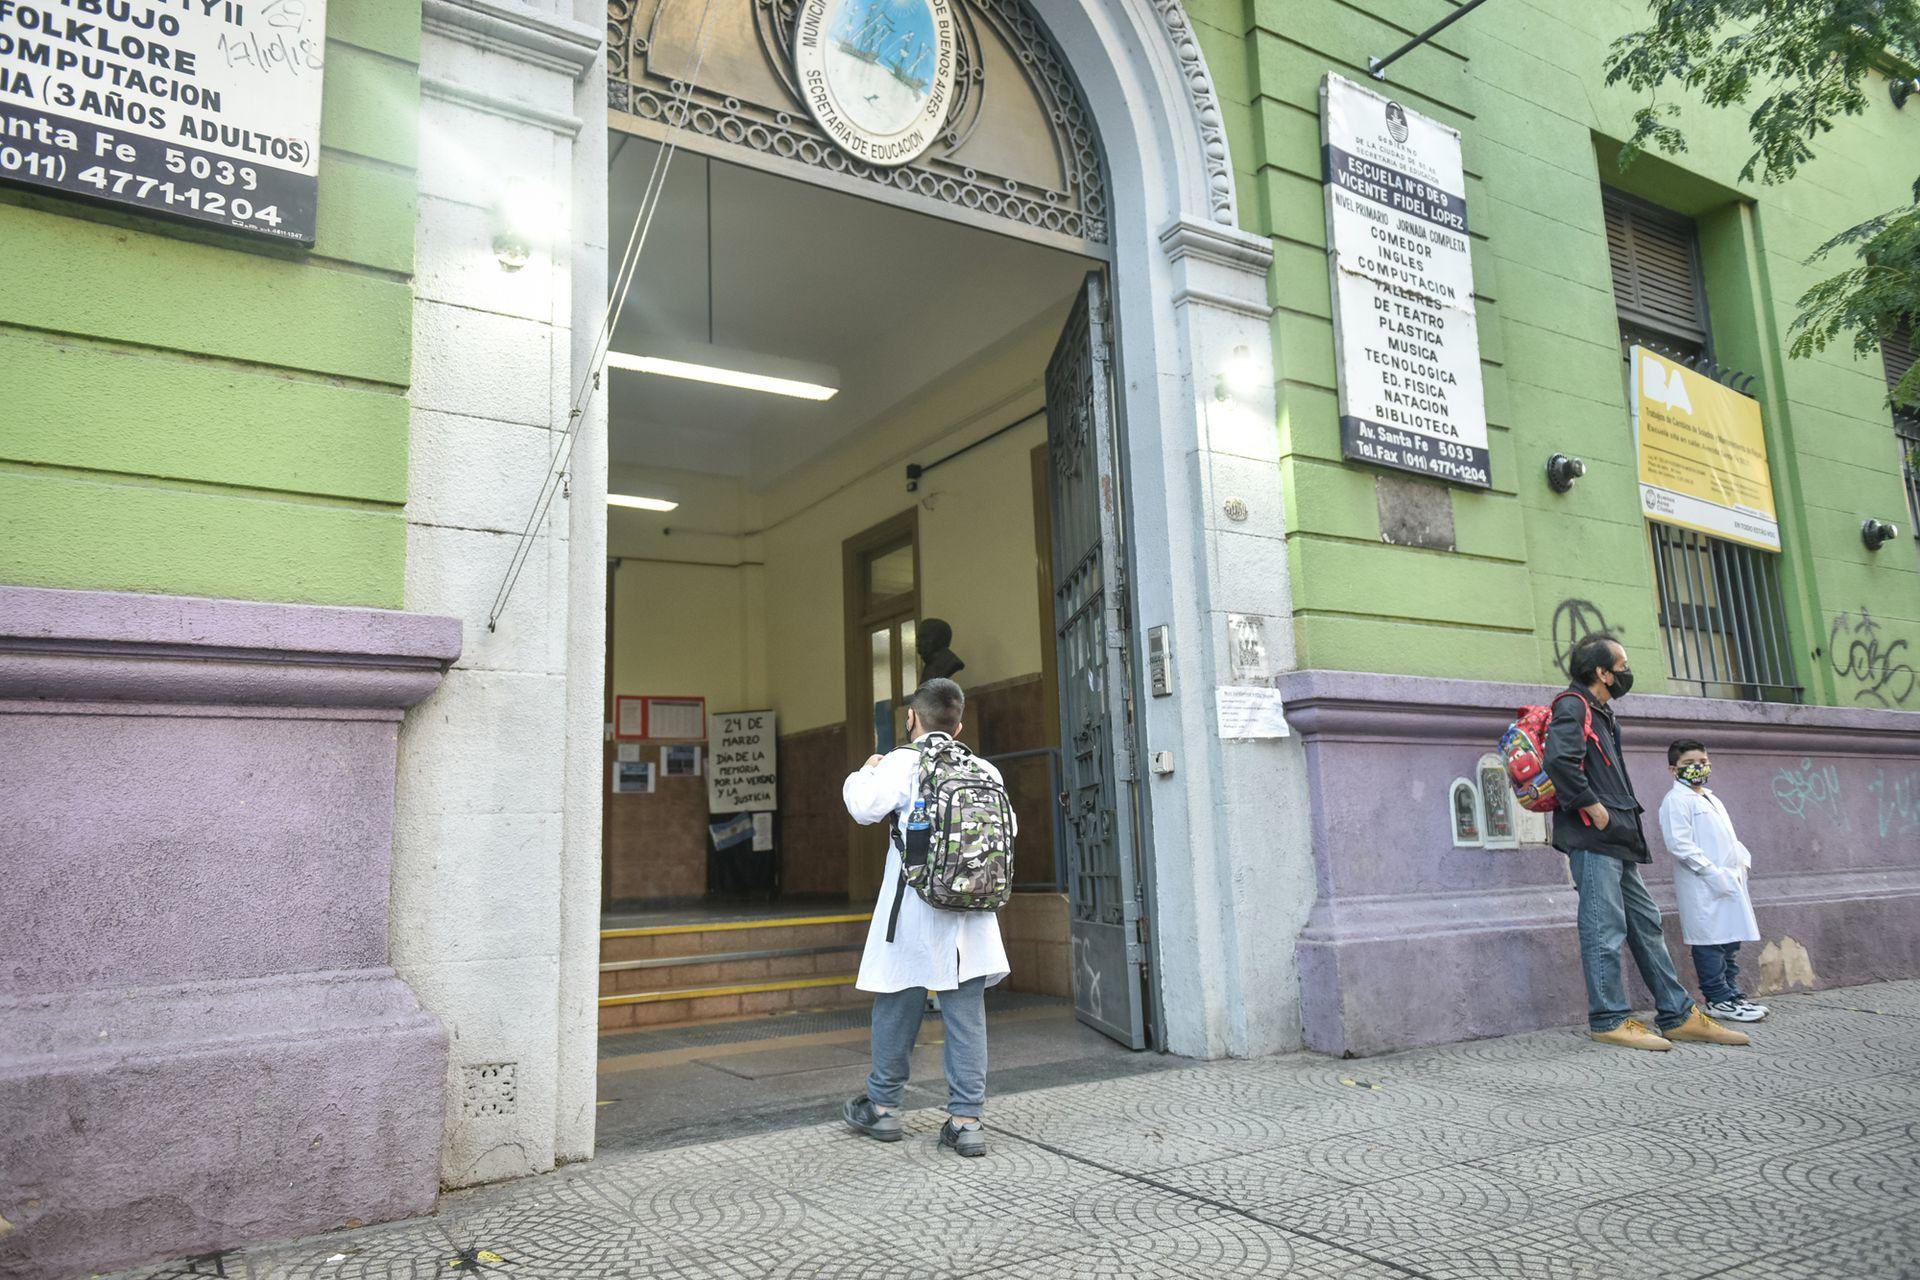 Finalmente, a las 8, Oliver entra a la escuela